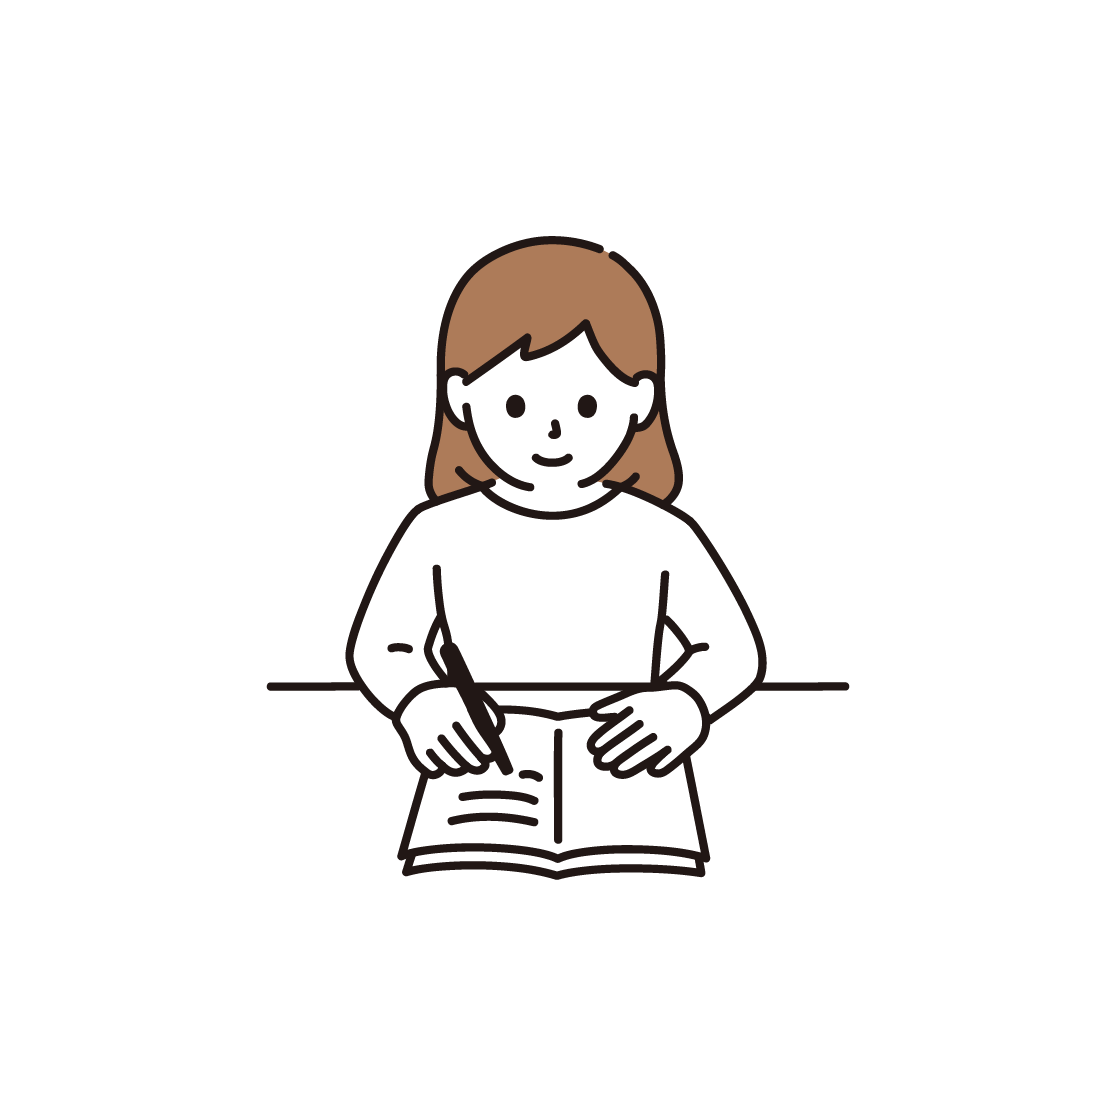 勉強をする女性のイラスト